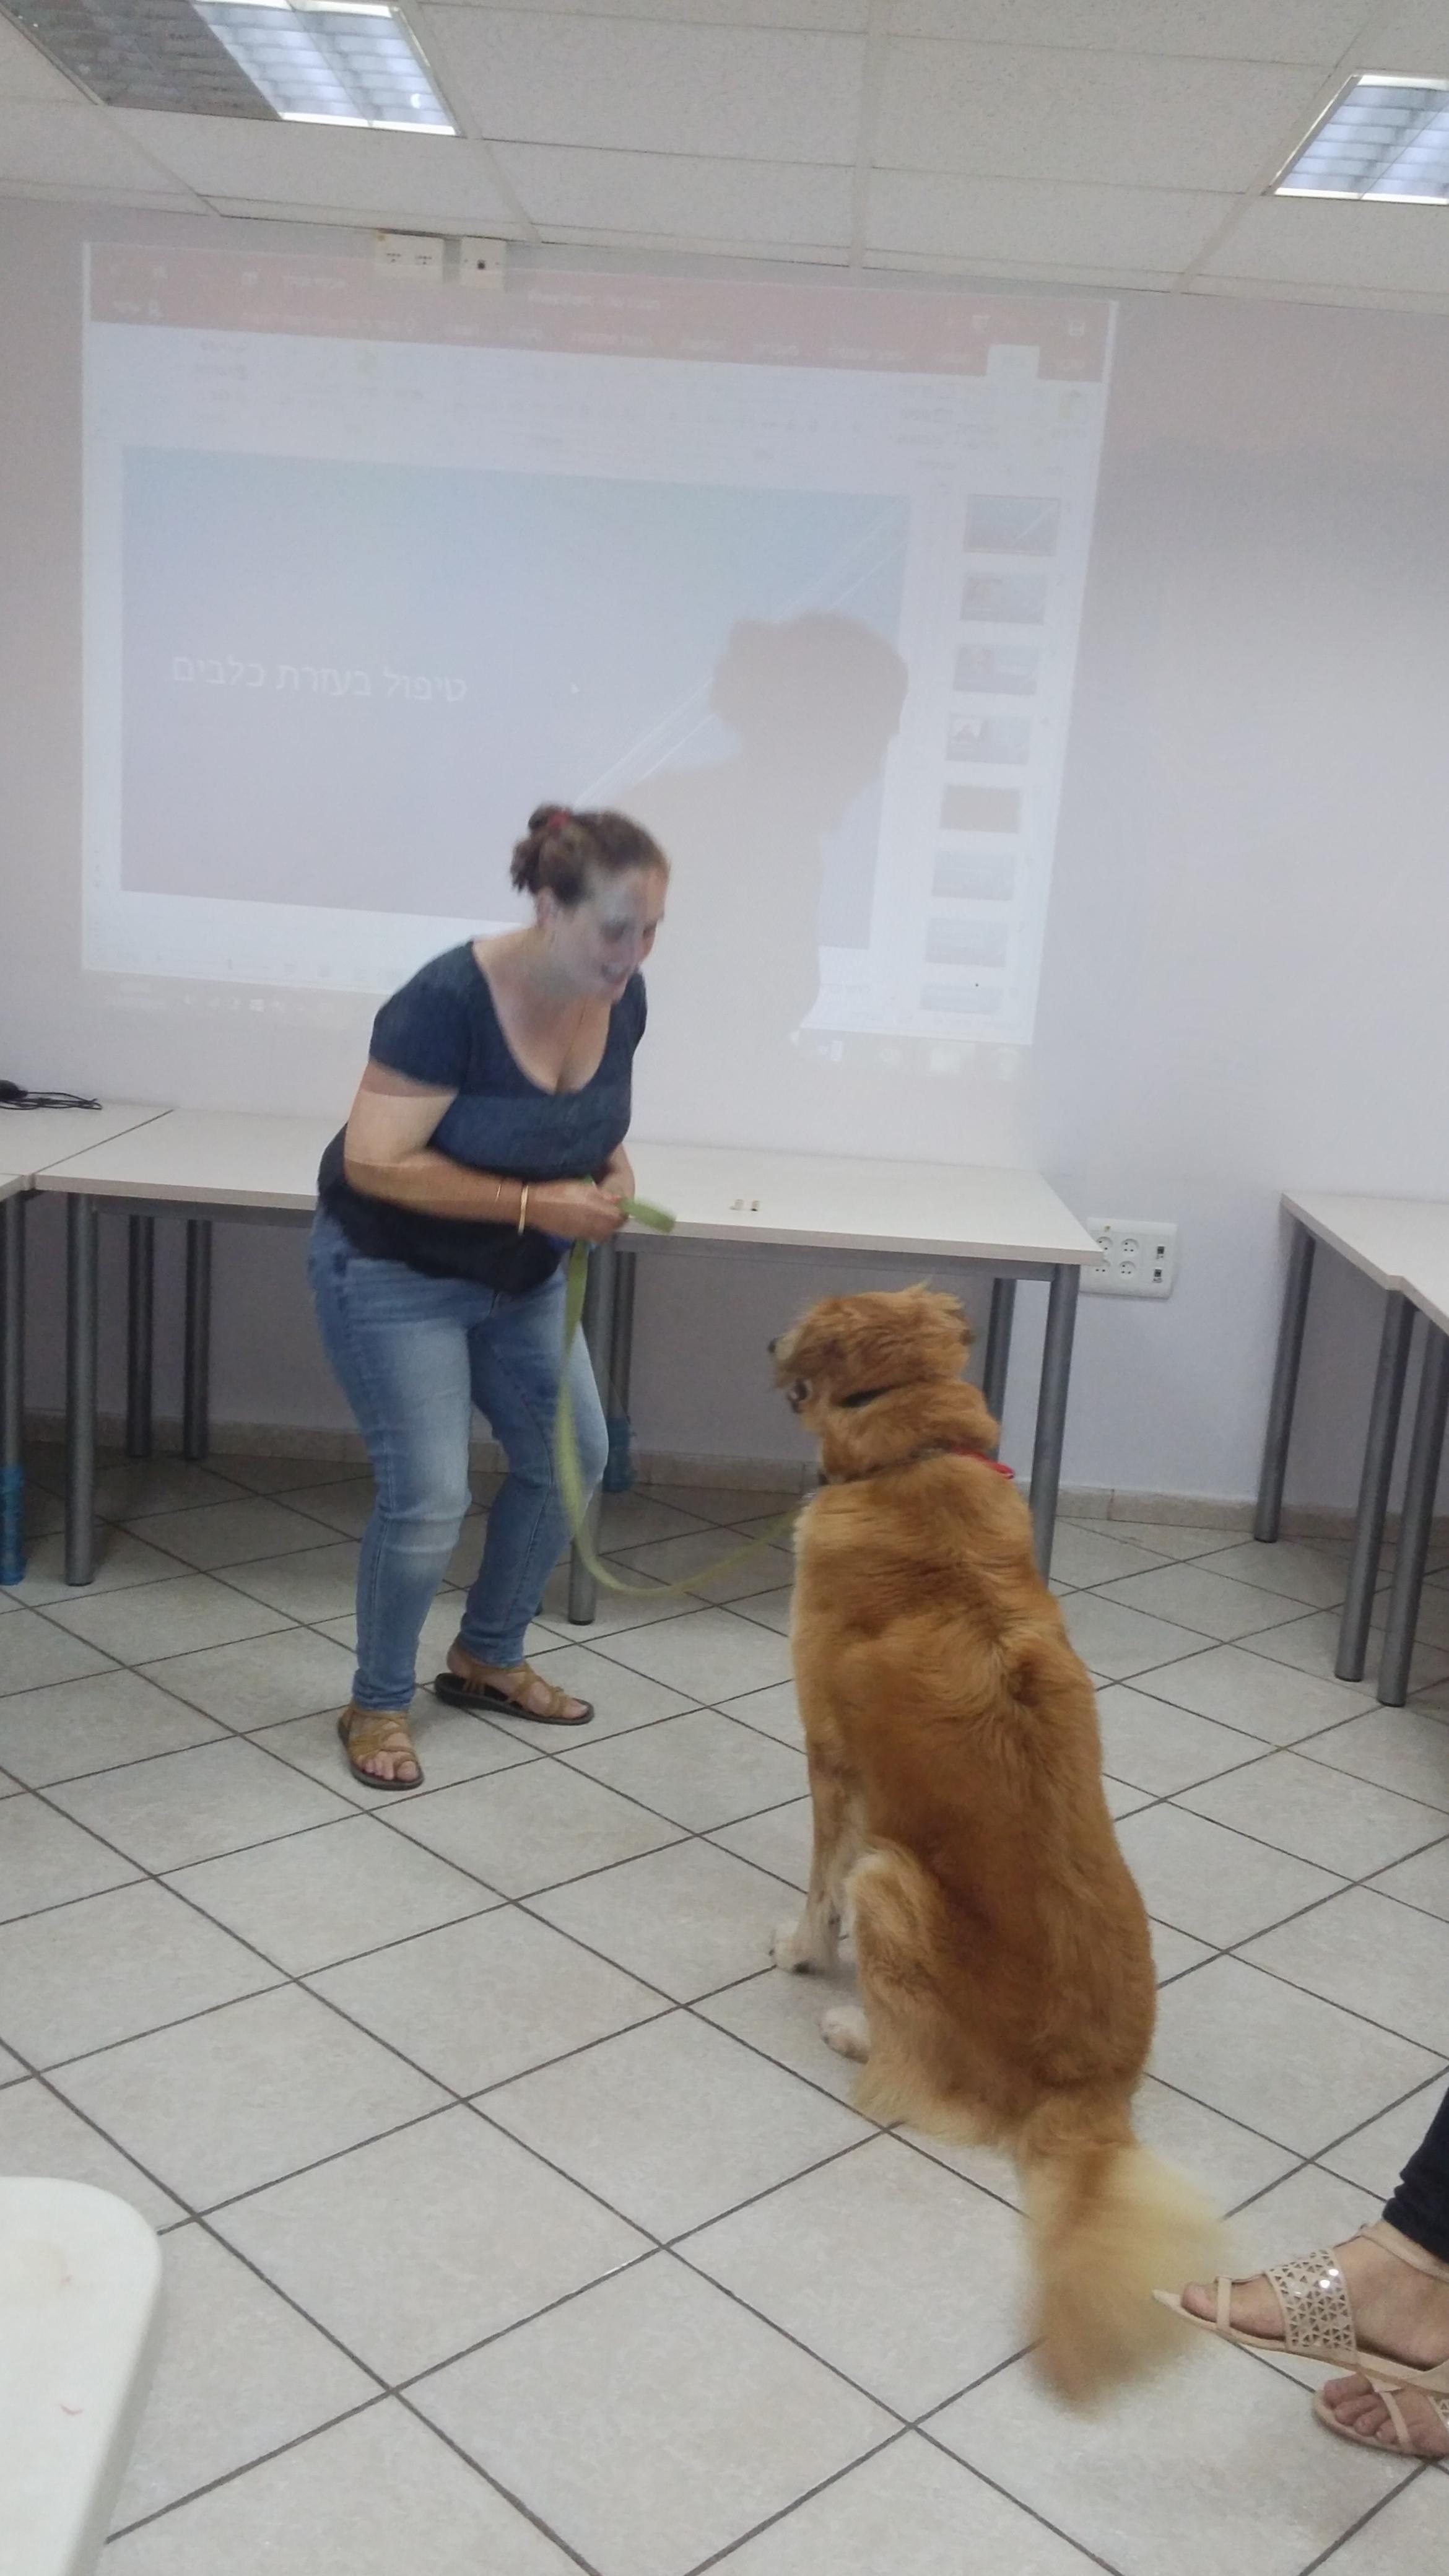 הרצאה בנושא טיפול בבעלי חיים- דיור מוגן בש  (4)